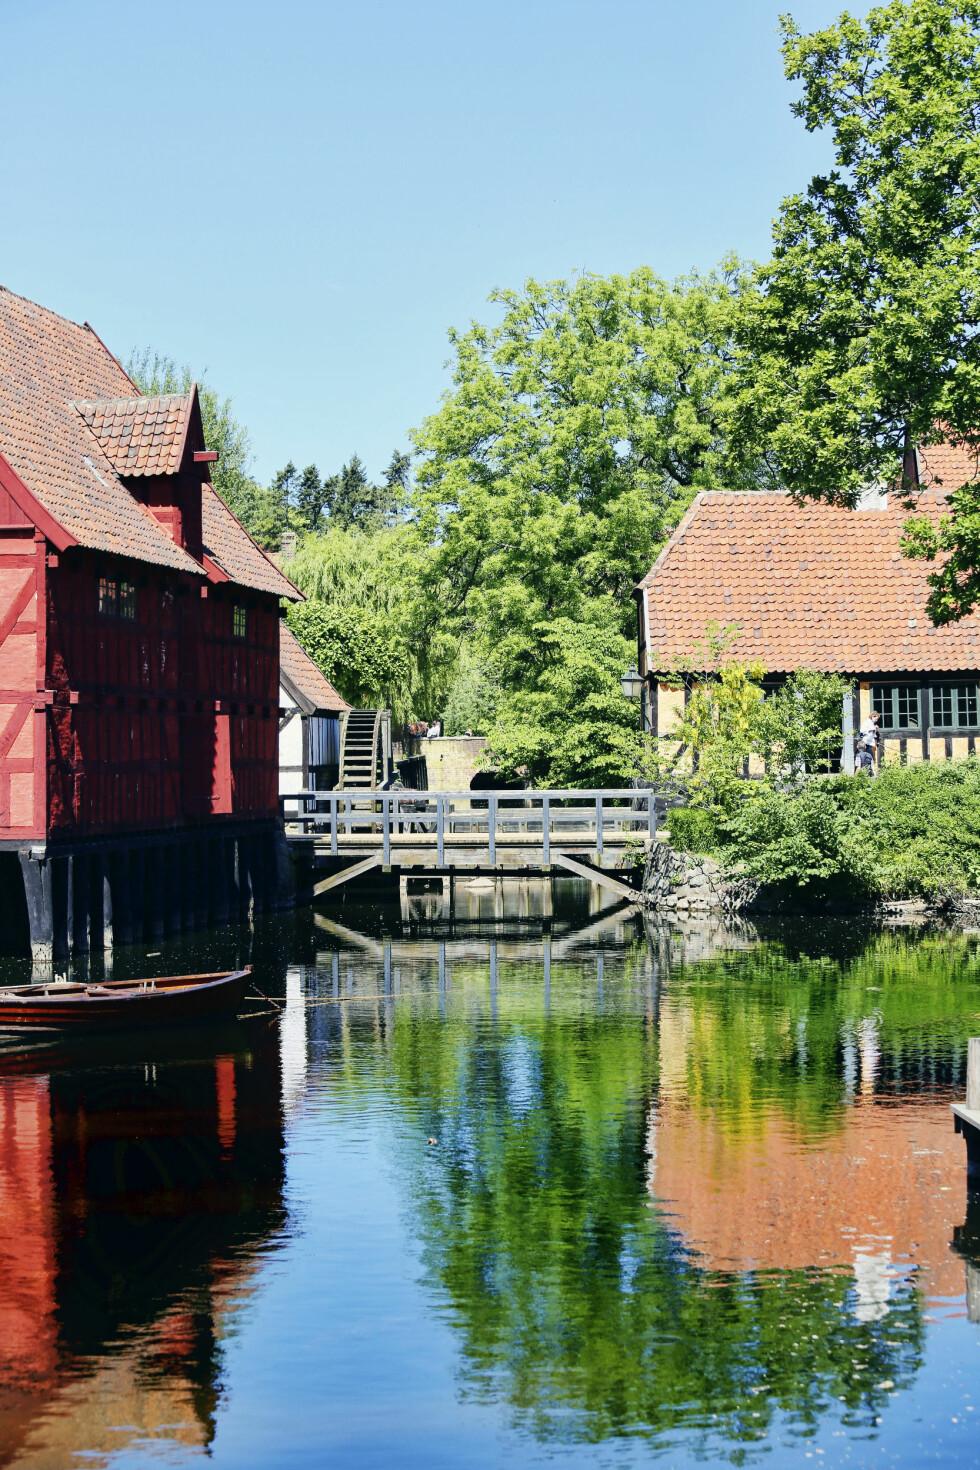 SOM I GAMLE DAGER: Den Gamle By er et spennende friluftsmuseum midt i Århus, der gamle bygninger og bymiljøer er gjort levende. Foto: Erik Valebrokk